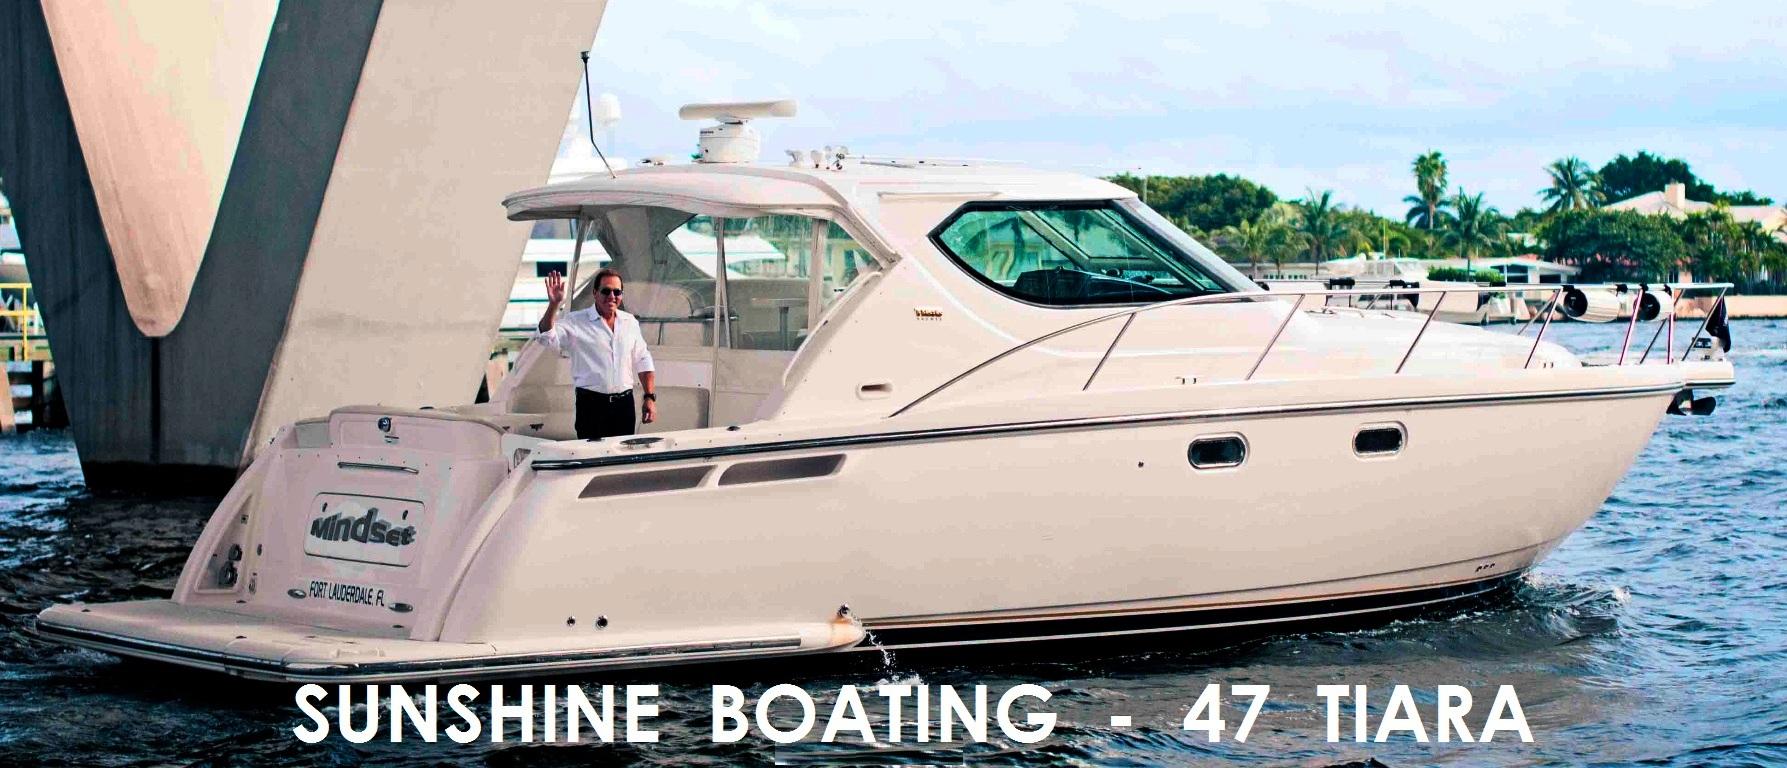 sunshine-boating-47-tiara-3